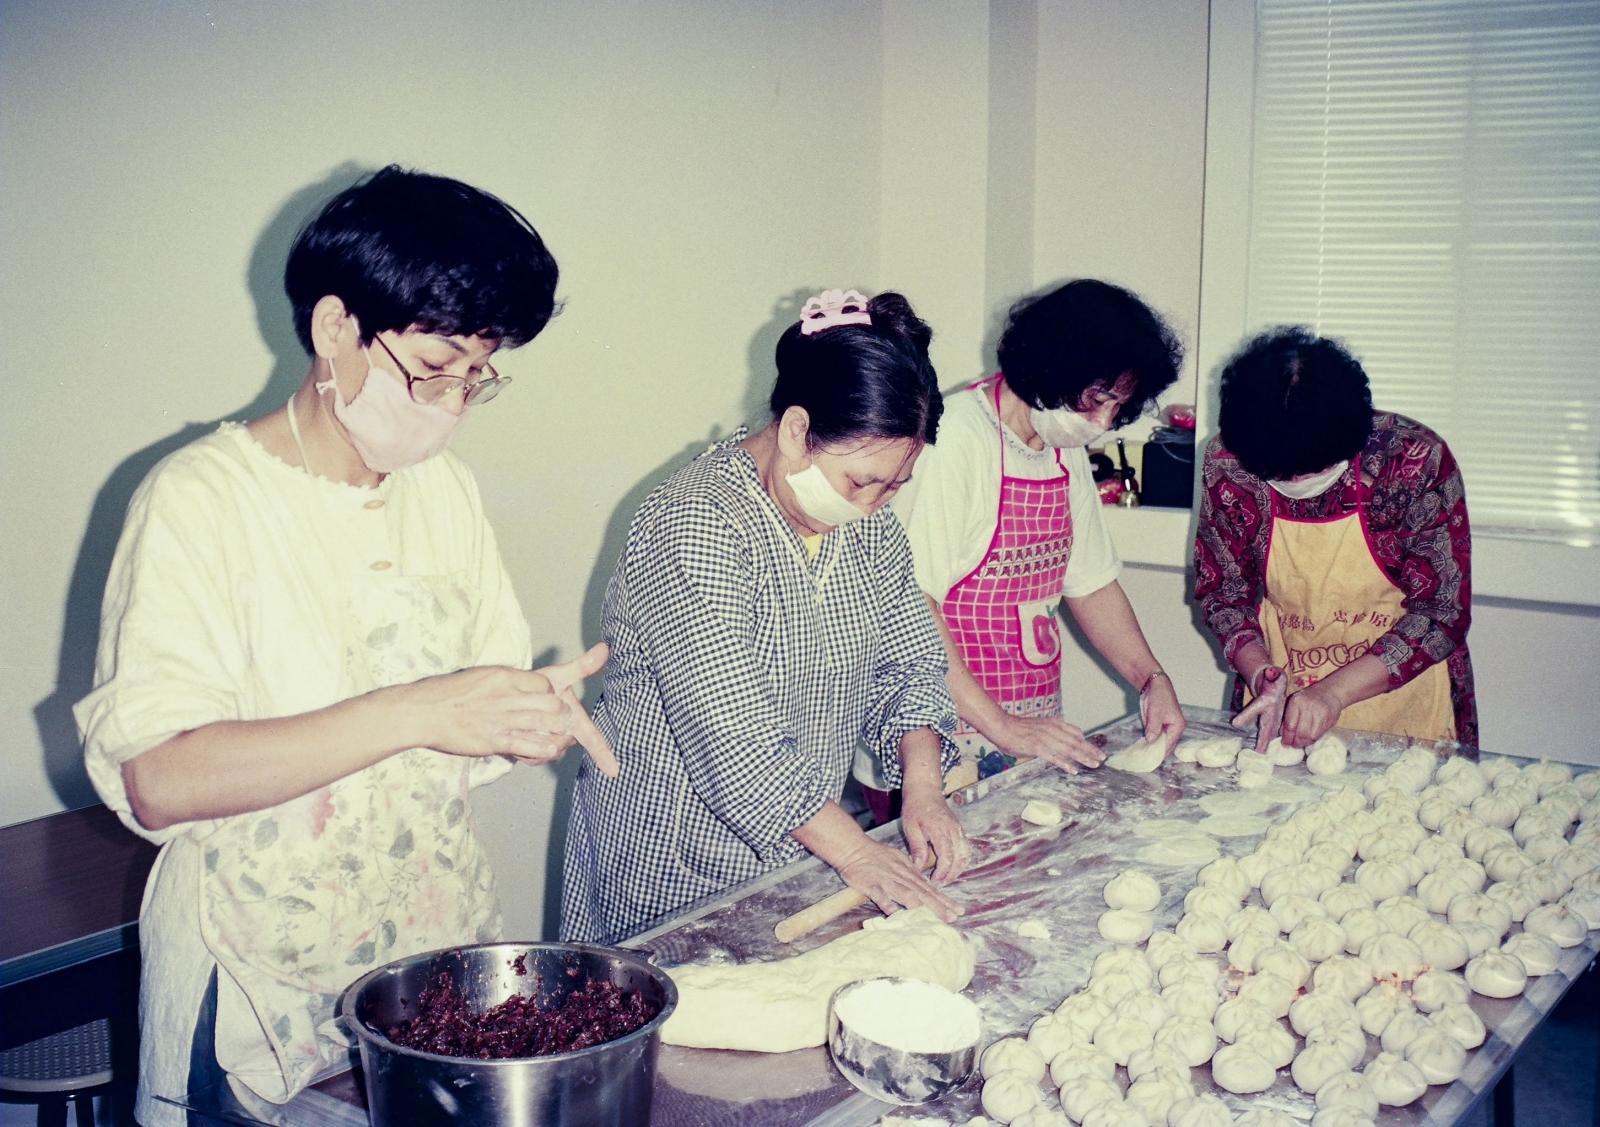 市面上的清淨商品不多,各地學員也開始投入真味食物的製作,例如製作沒有防腐劑和化學添加物的包子。